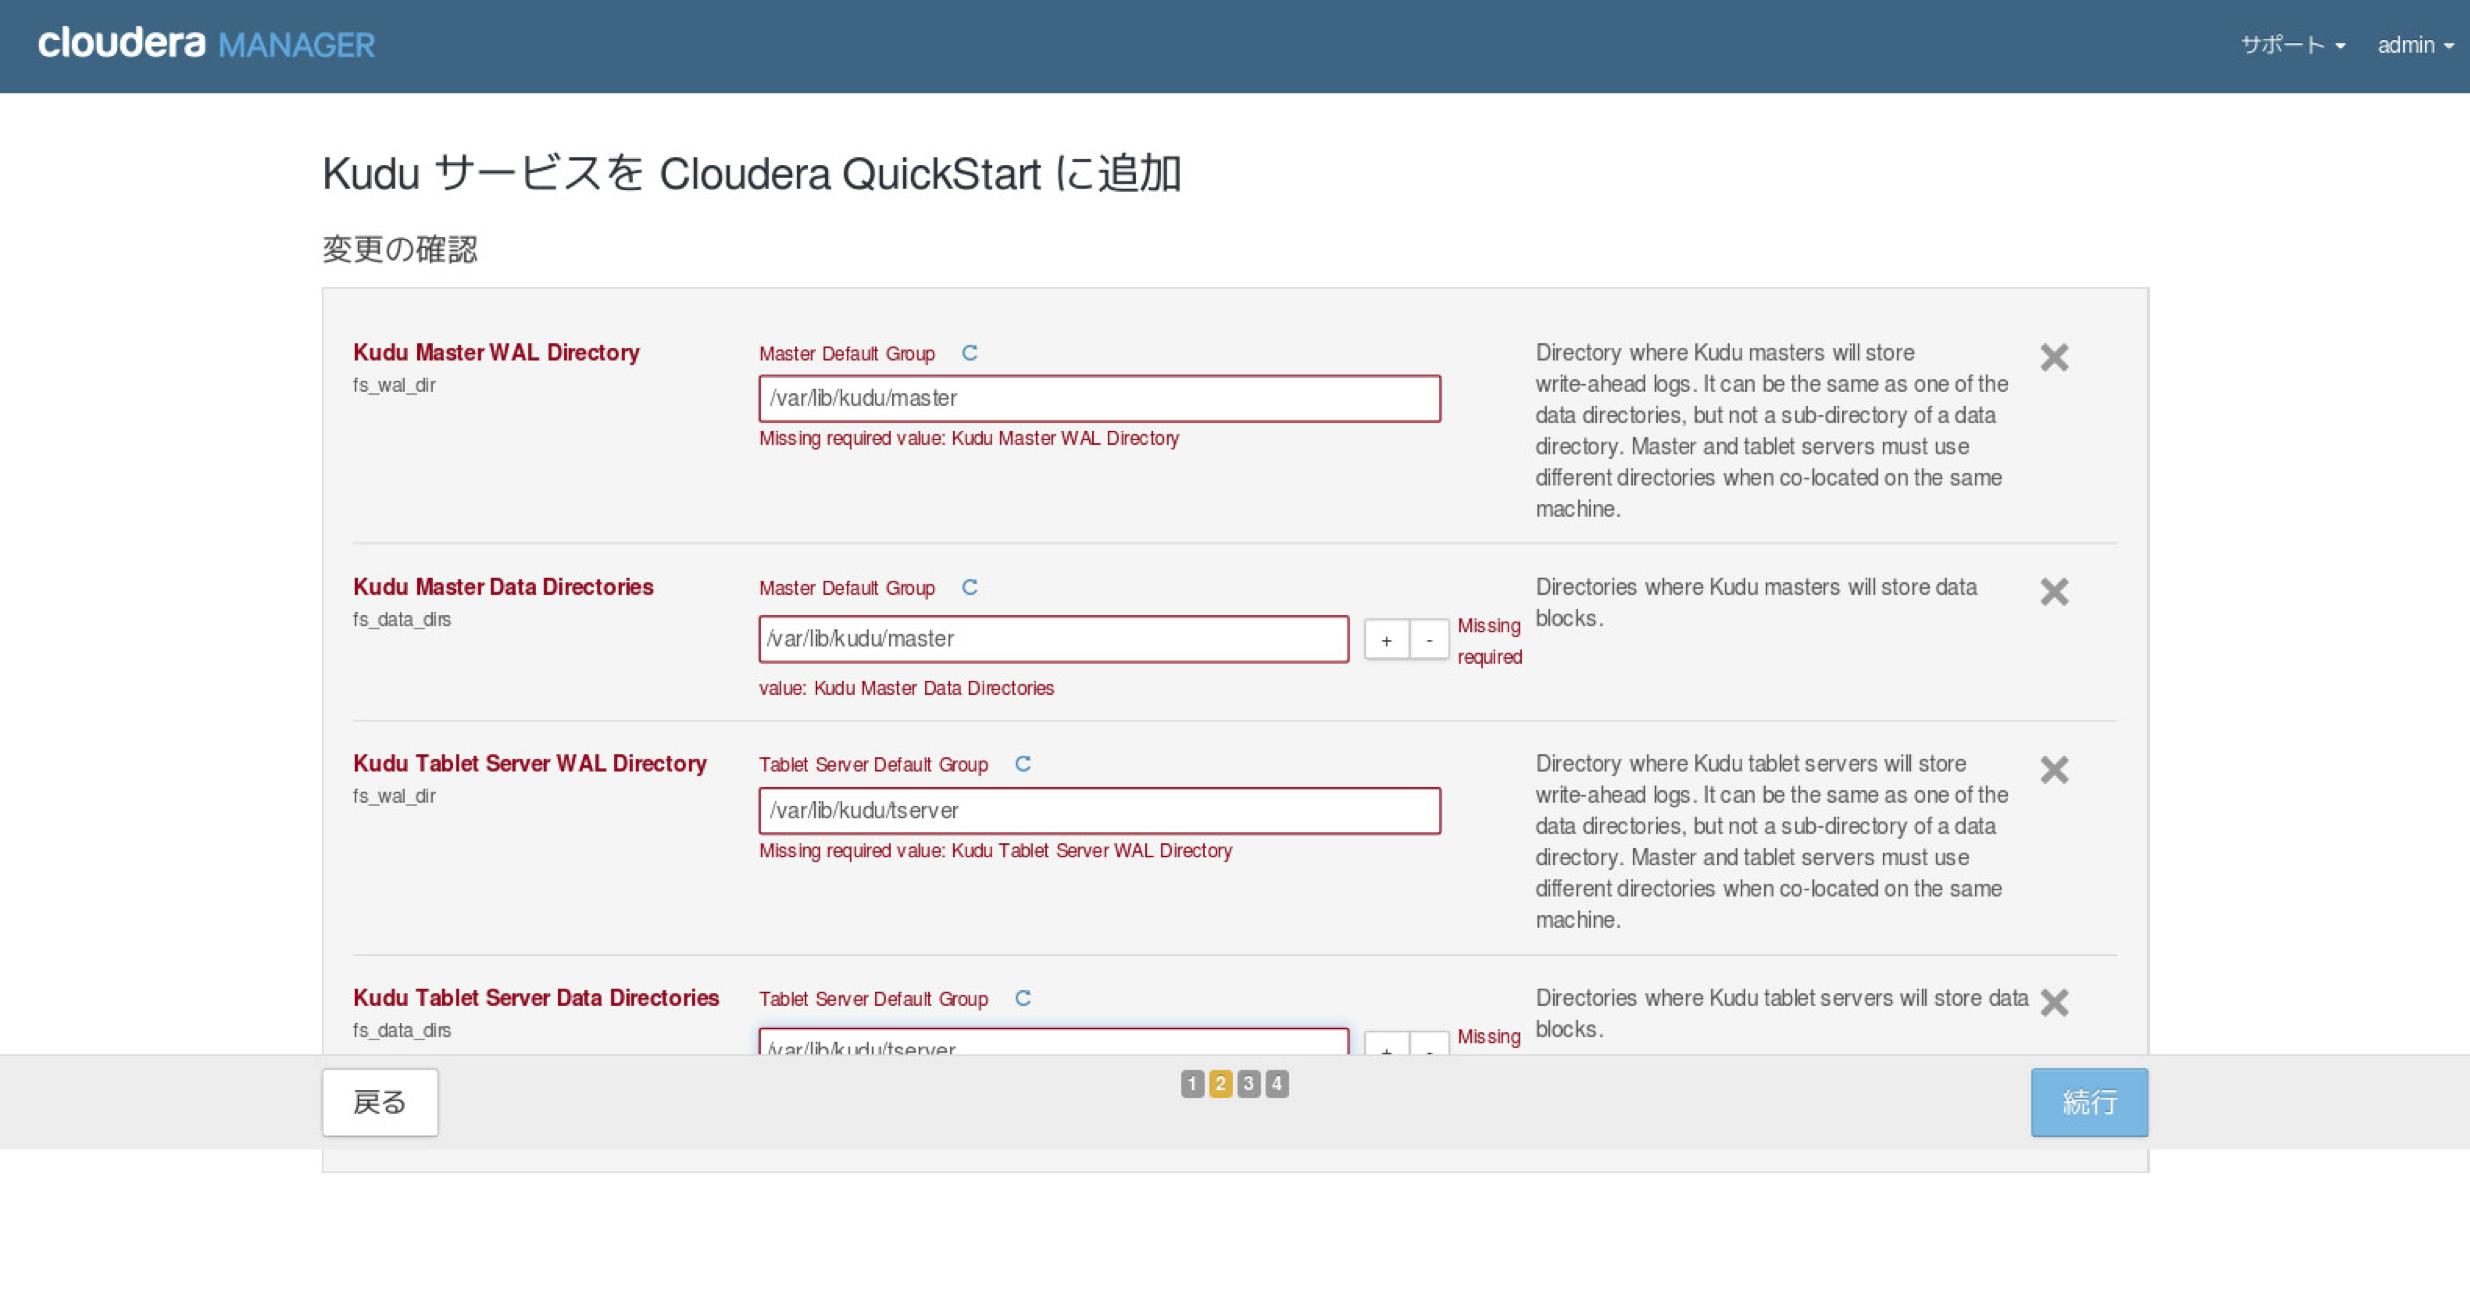 FireShot Capture 024 - Kudu サービスを Clo__ - http___quickstart.cloudera_7180_cm.png